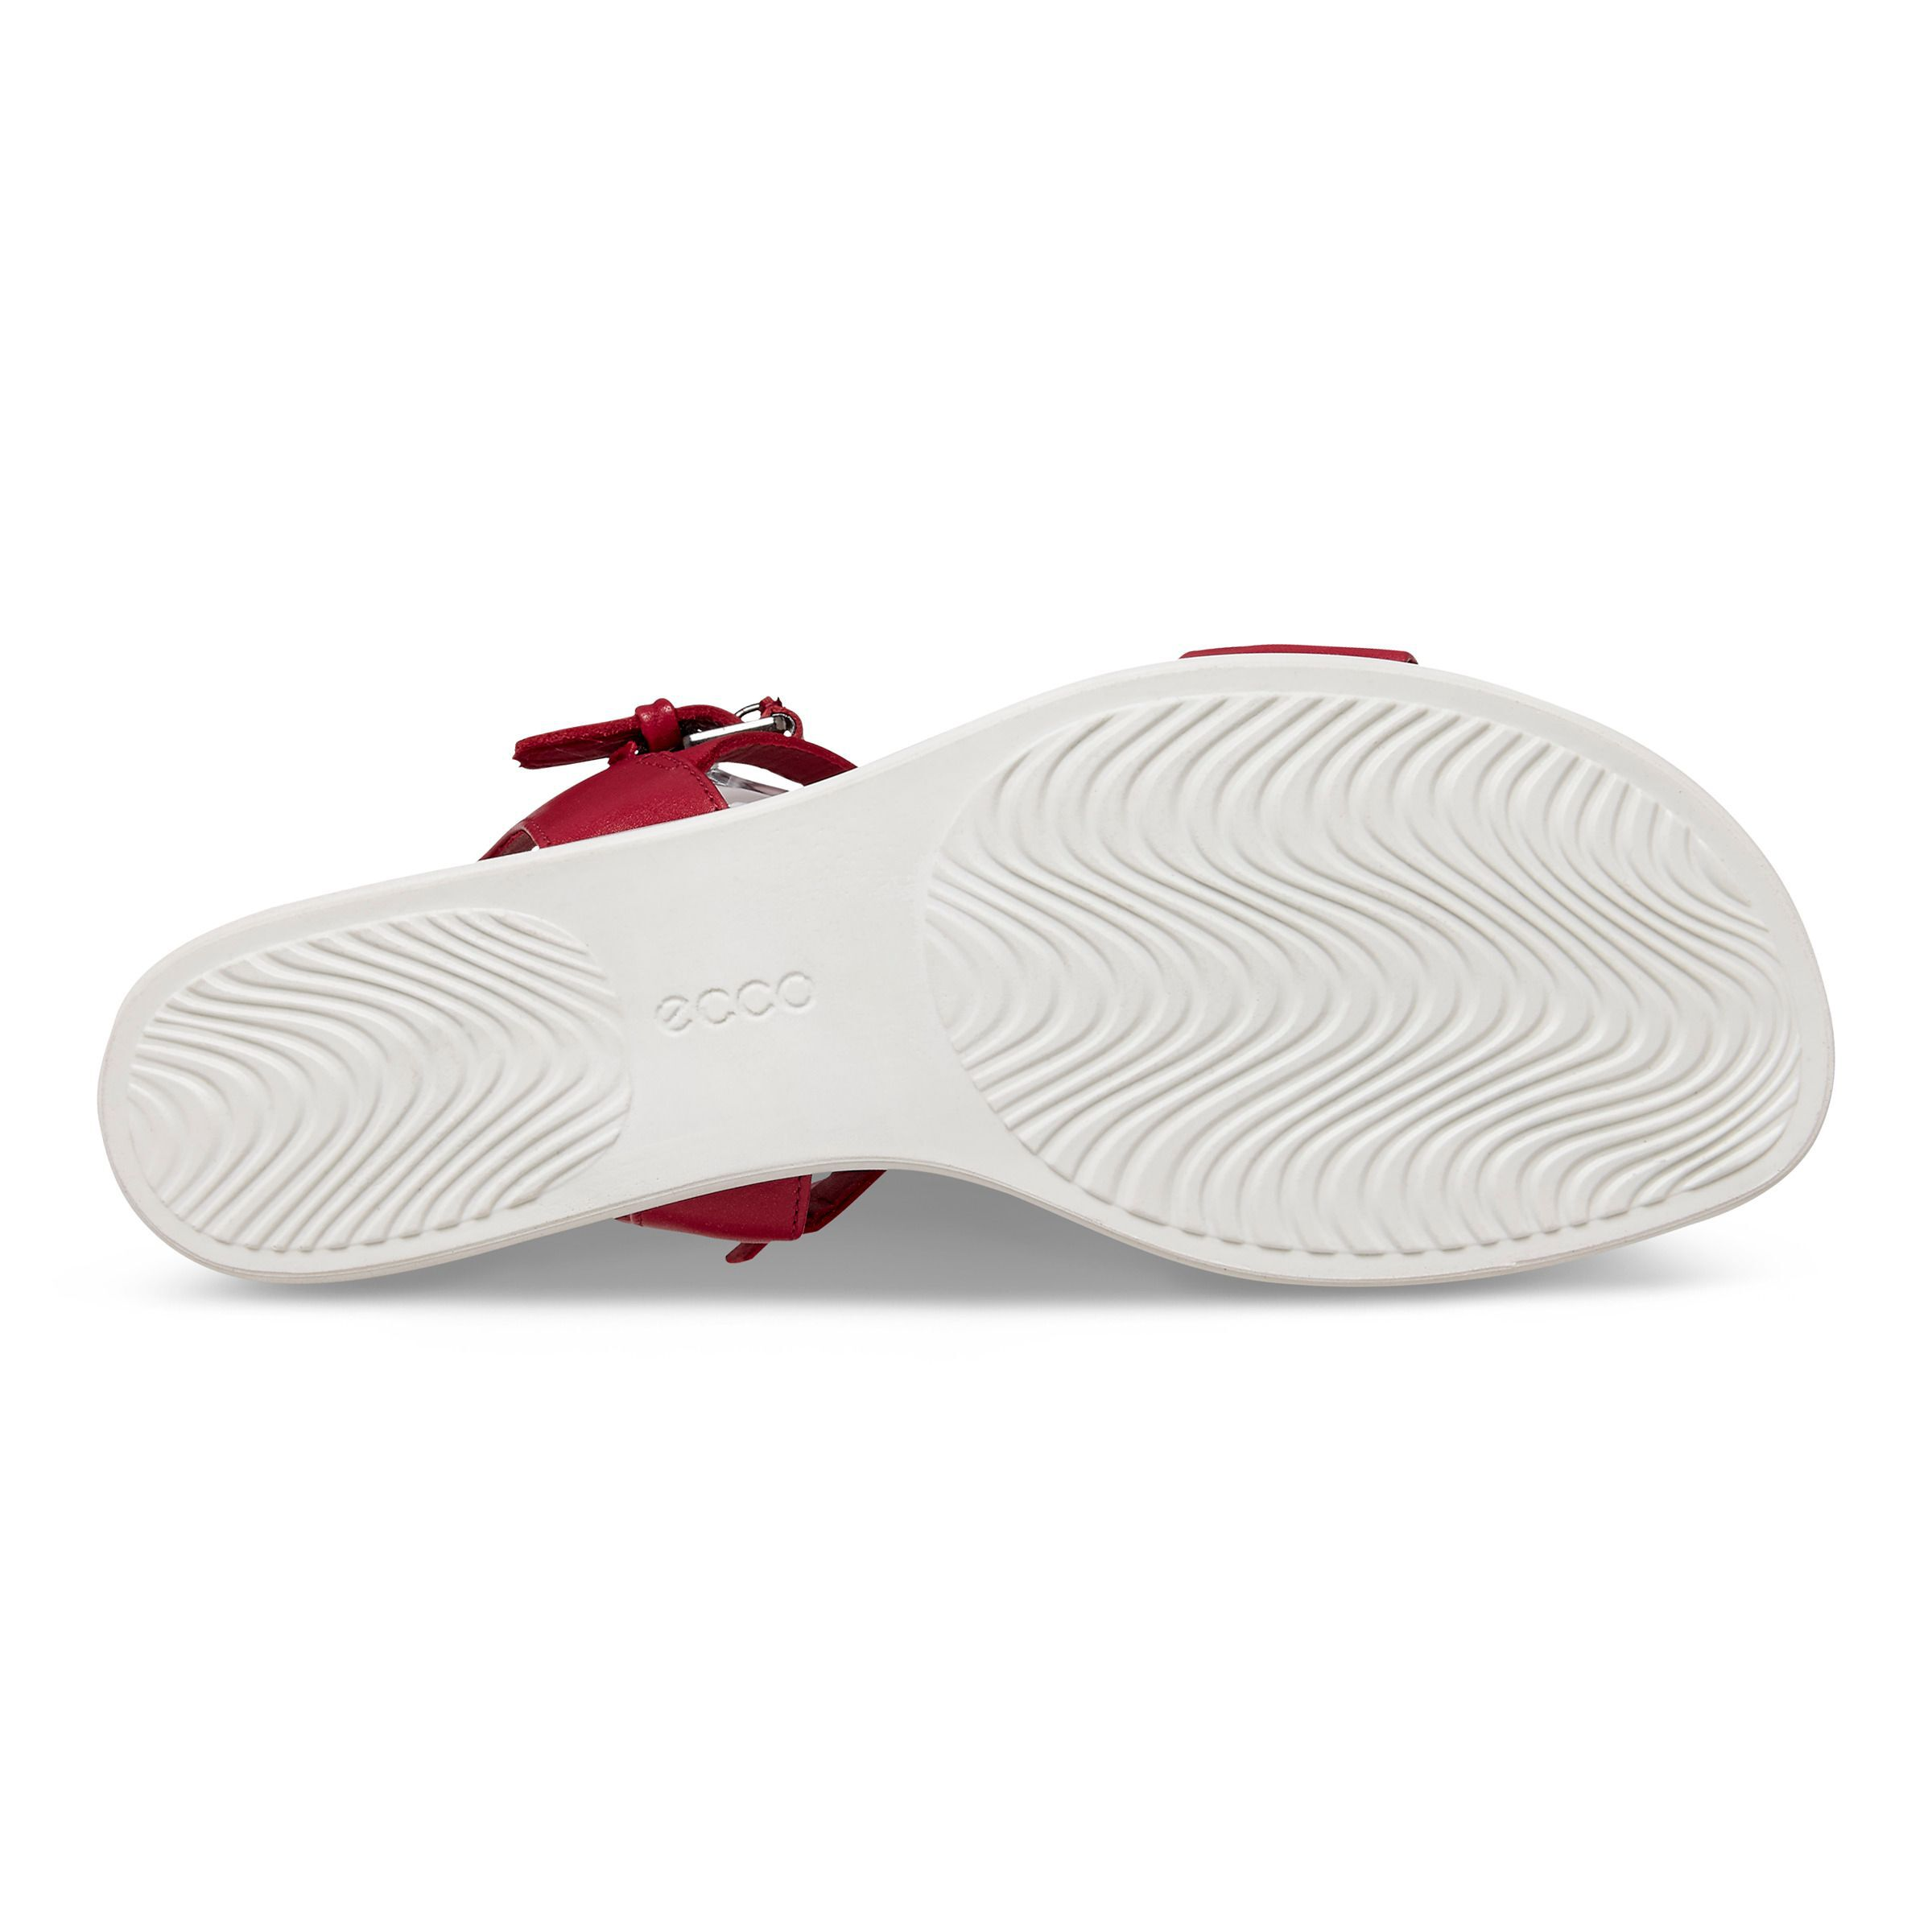 shoes wide comforter cushion walk product j shop show dress fit details williams mens most action d comfortable